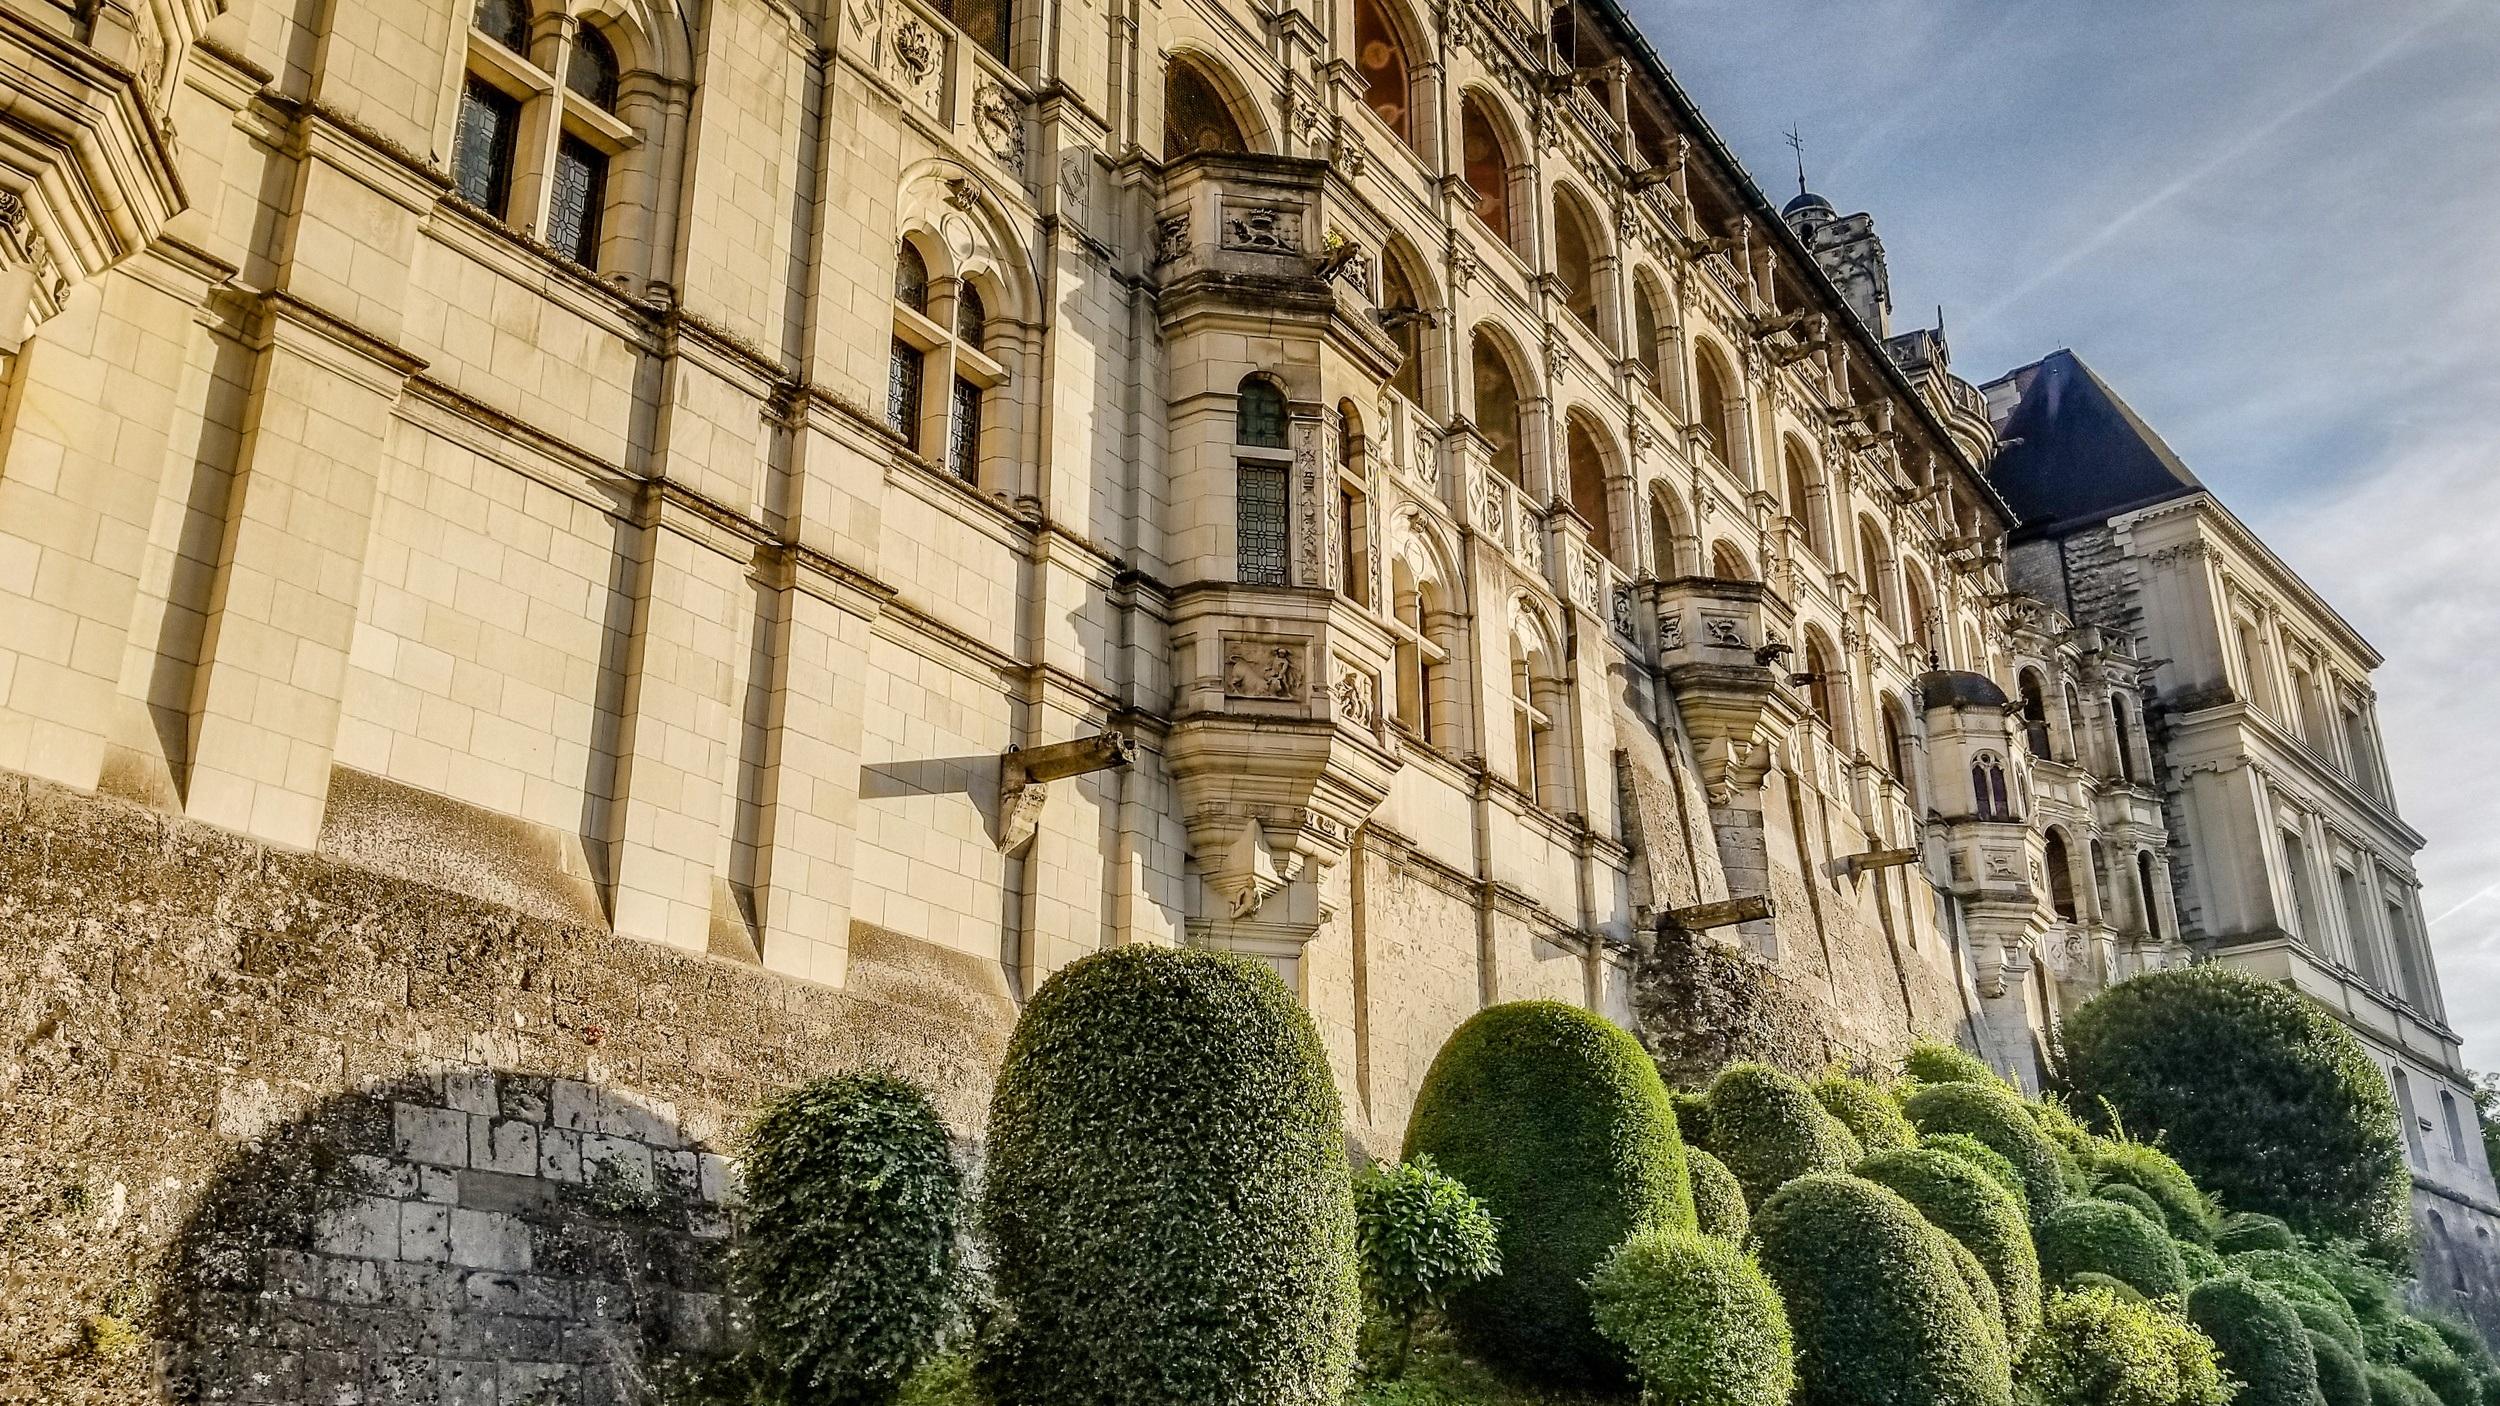 Chateau de Blois. Loire Valley, France